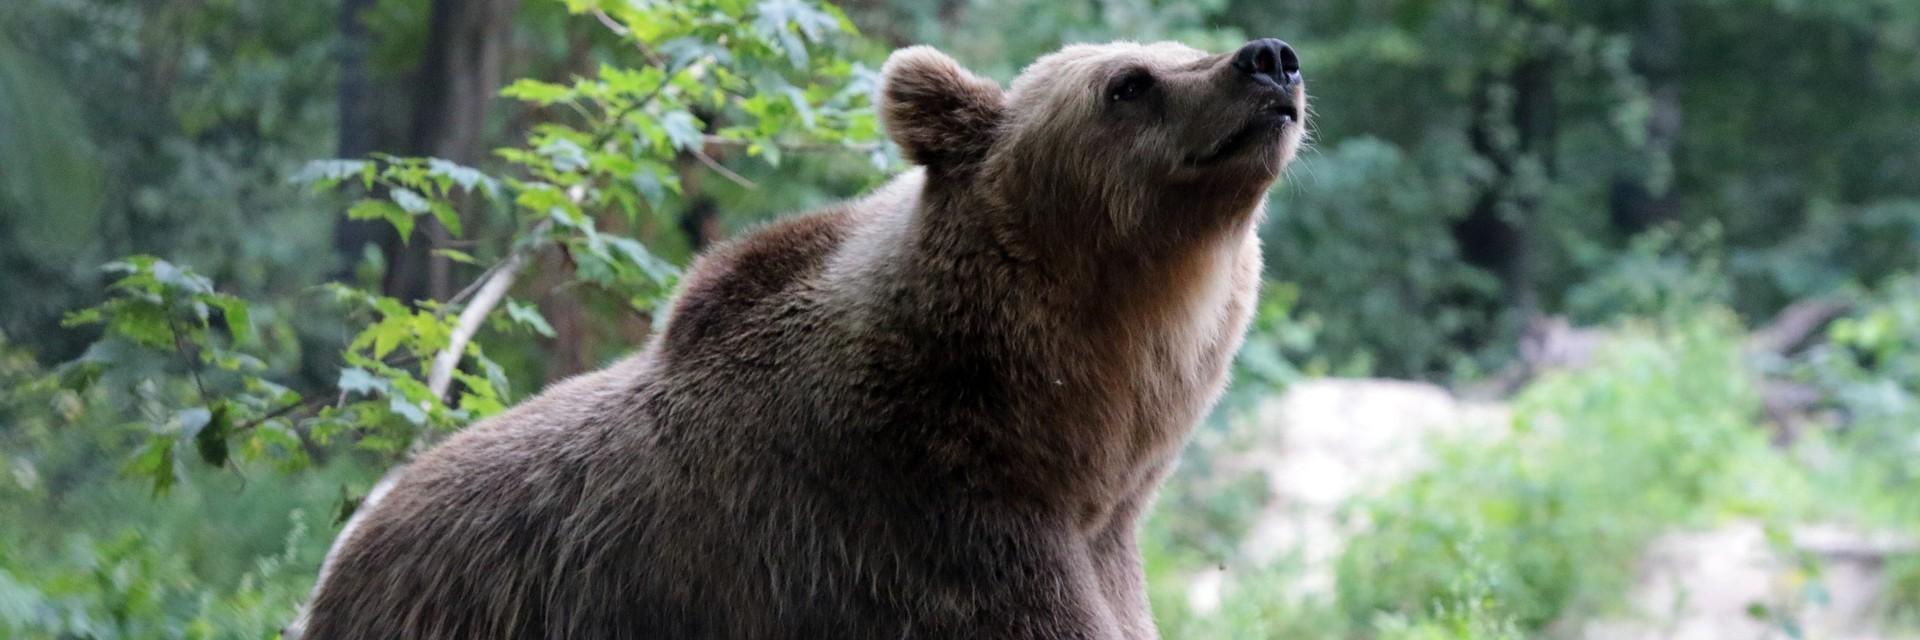 Unterstützen Sie unsere Arbeit für Bären